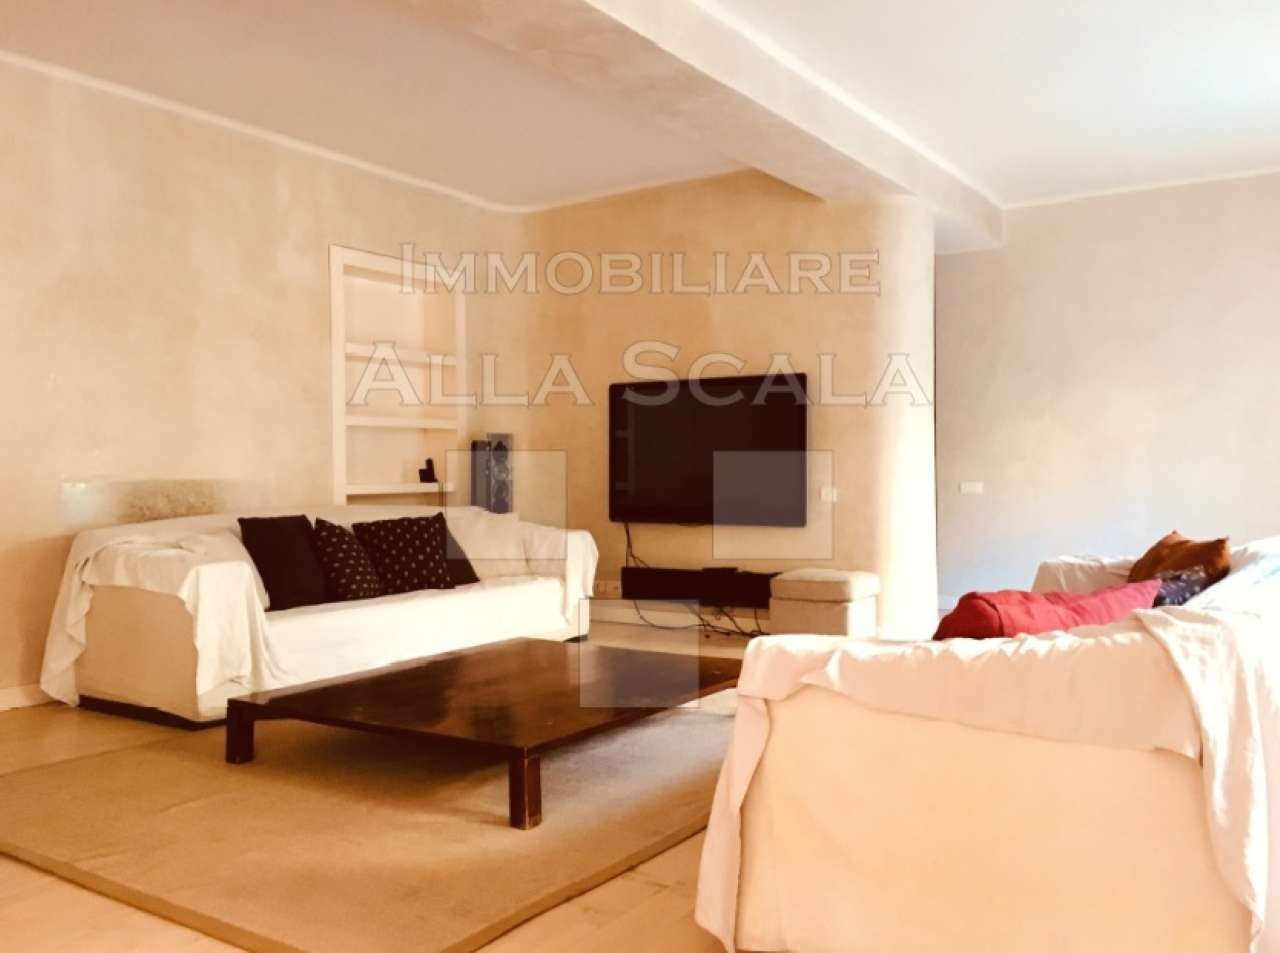 Appartamento in vendita a Milano, 8 locali, zona Zona: 1 . Centro Storico, Duomo, Brera, Cadorna, Cattolica, prezzo € 2.720.000 | CambioCasa.it